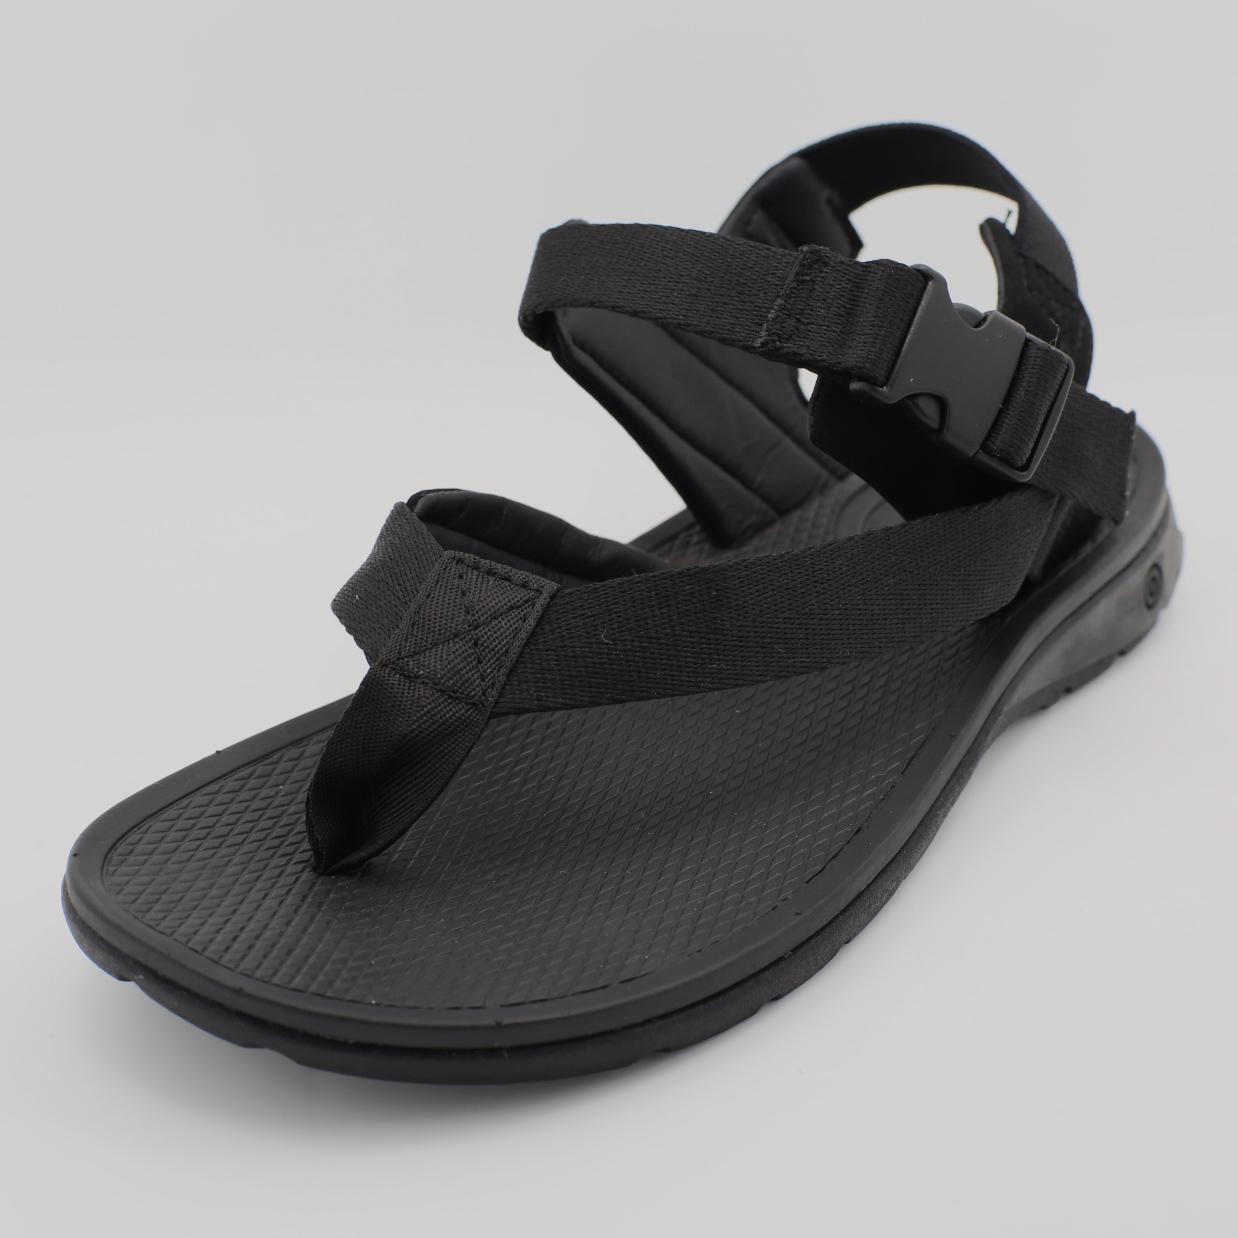 包邮男凉鞋男沙滩鞋越南鞋夏季平跟女鞋运动防滑情侣凉鞋男鞋休闲